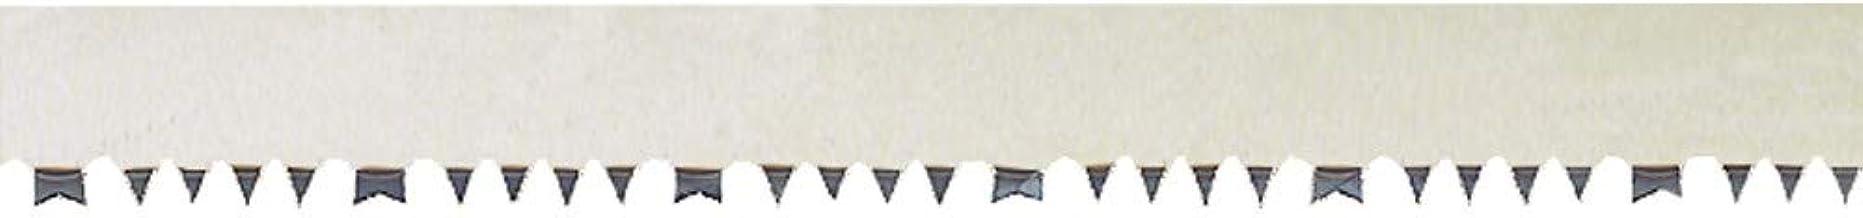 Bellota 4536-24 Hoja dentado Duro, Standard, 610 mm